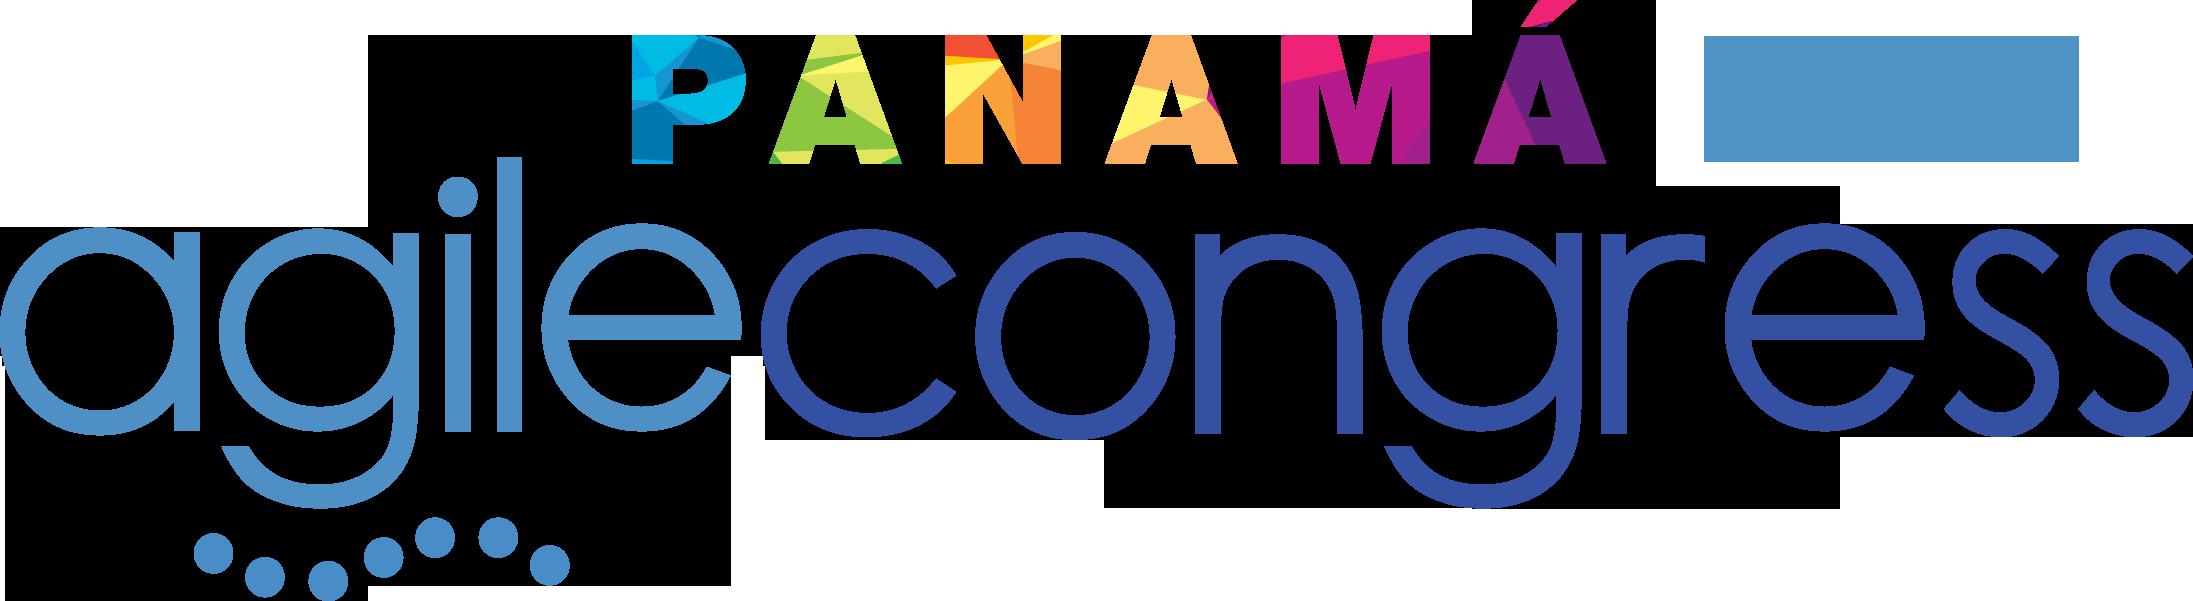 Panama Agile Congress – Segundo Congreso de Innovación y Agilidad en Panama – Scrum y Design Thinking